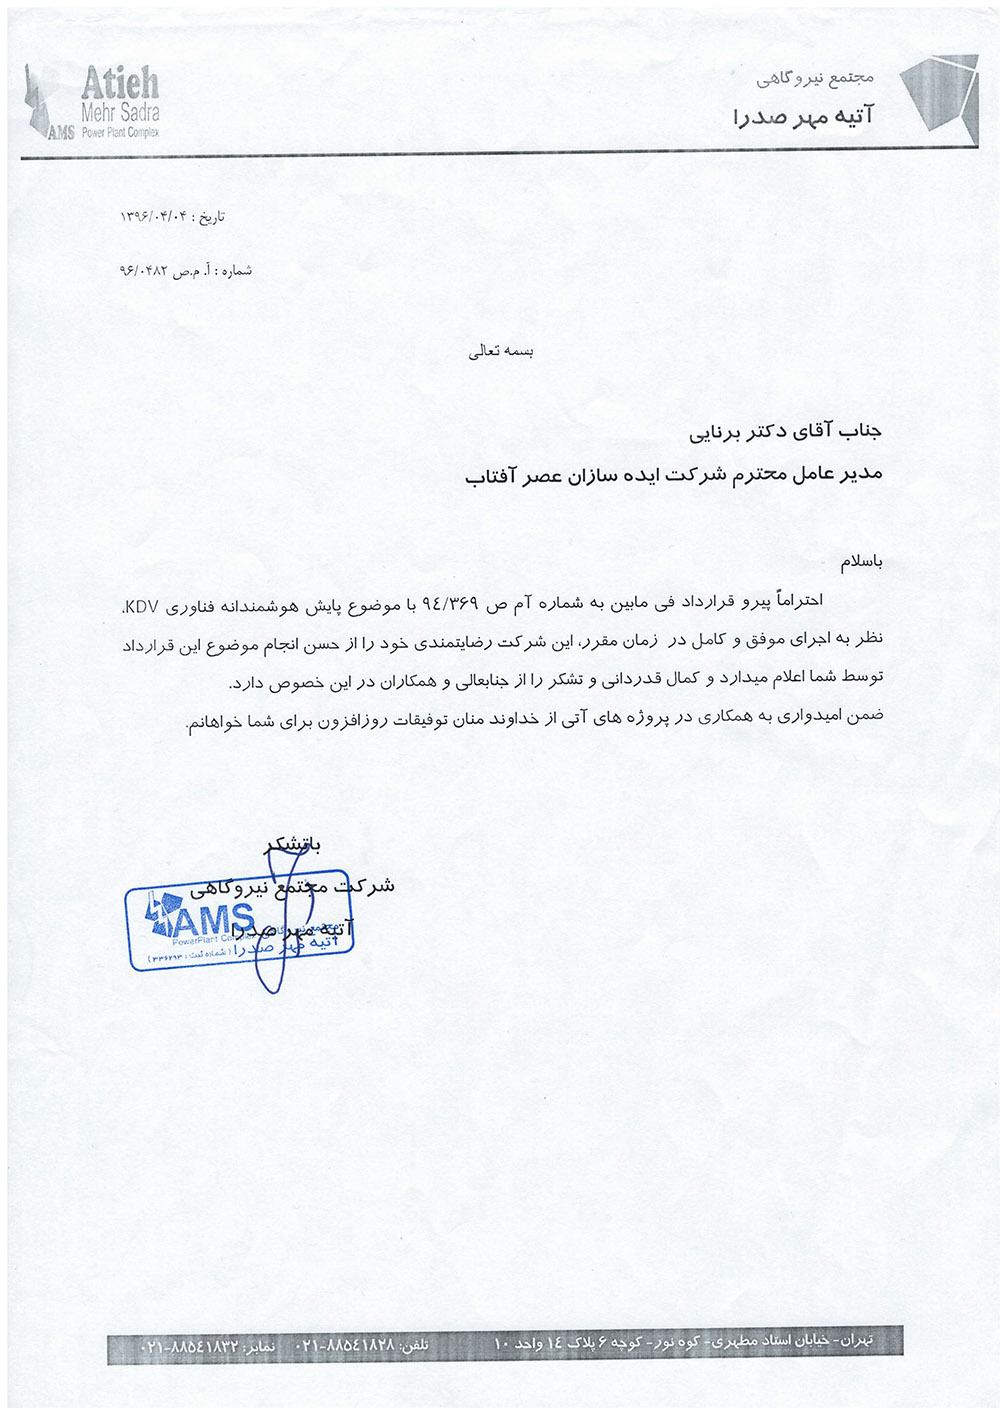 رضایتنامه شرکت مجتمع نیروگاهی آتیه مهر صدرا